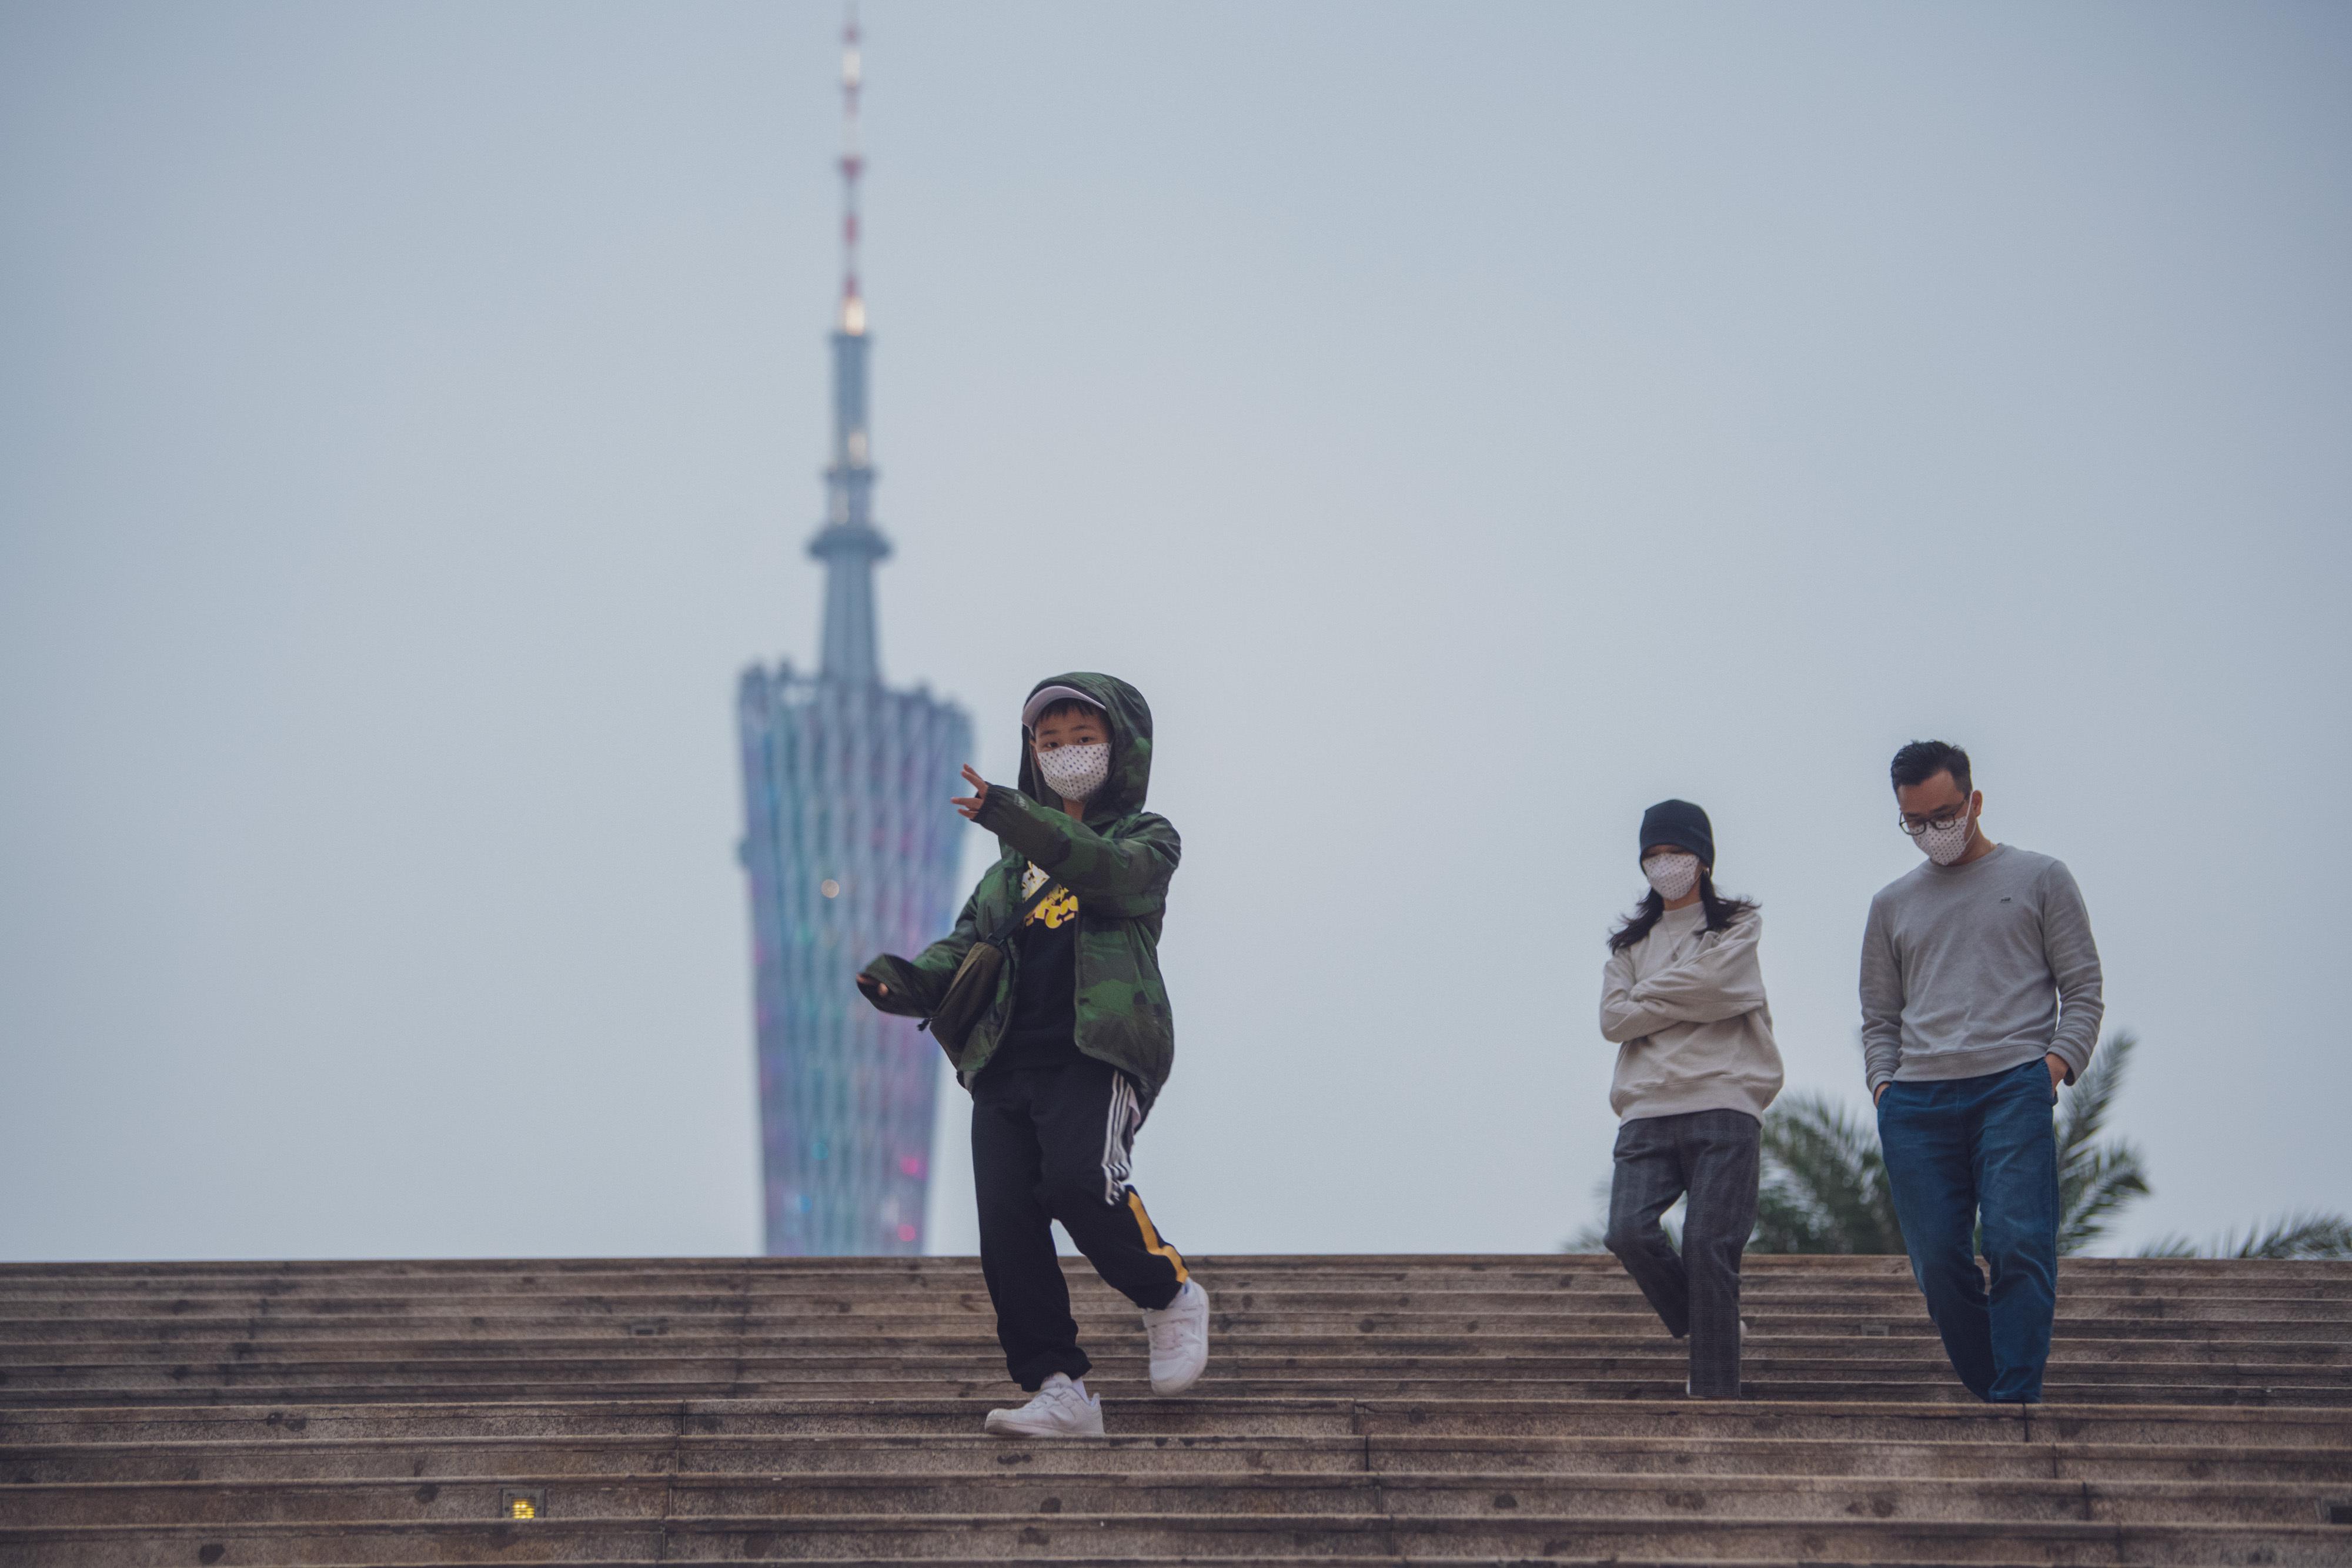 1月25日,大年初一夜,广州下起了小雨,花城广场关于防范新型冠状病毒感染的肺炎的广播不断循环,大屏幕滚动播放着如何正确戴口罩的教学视频。南方+记者 张梓望 摄影报道